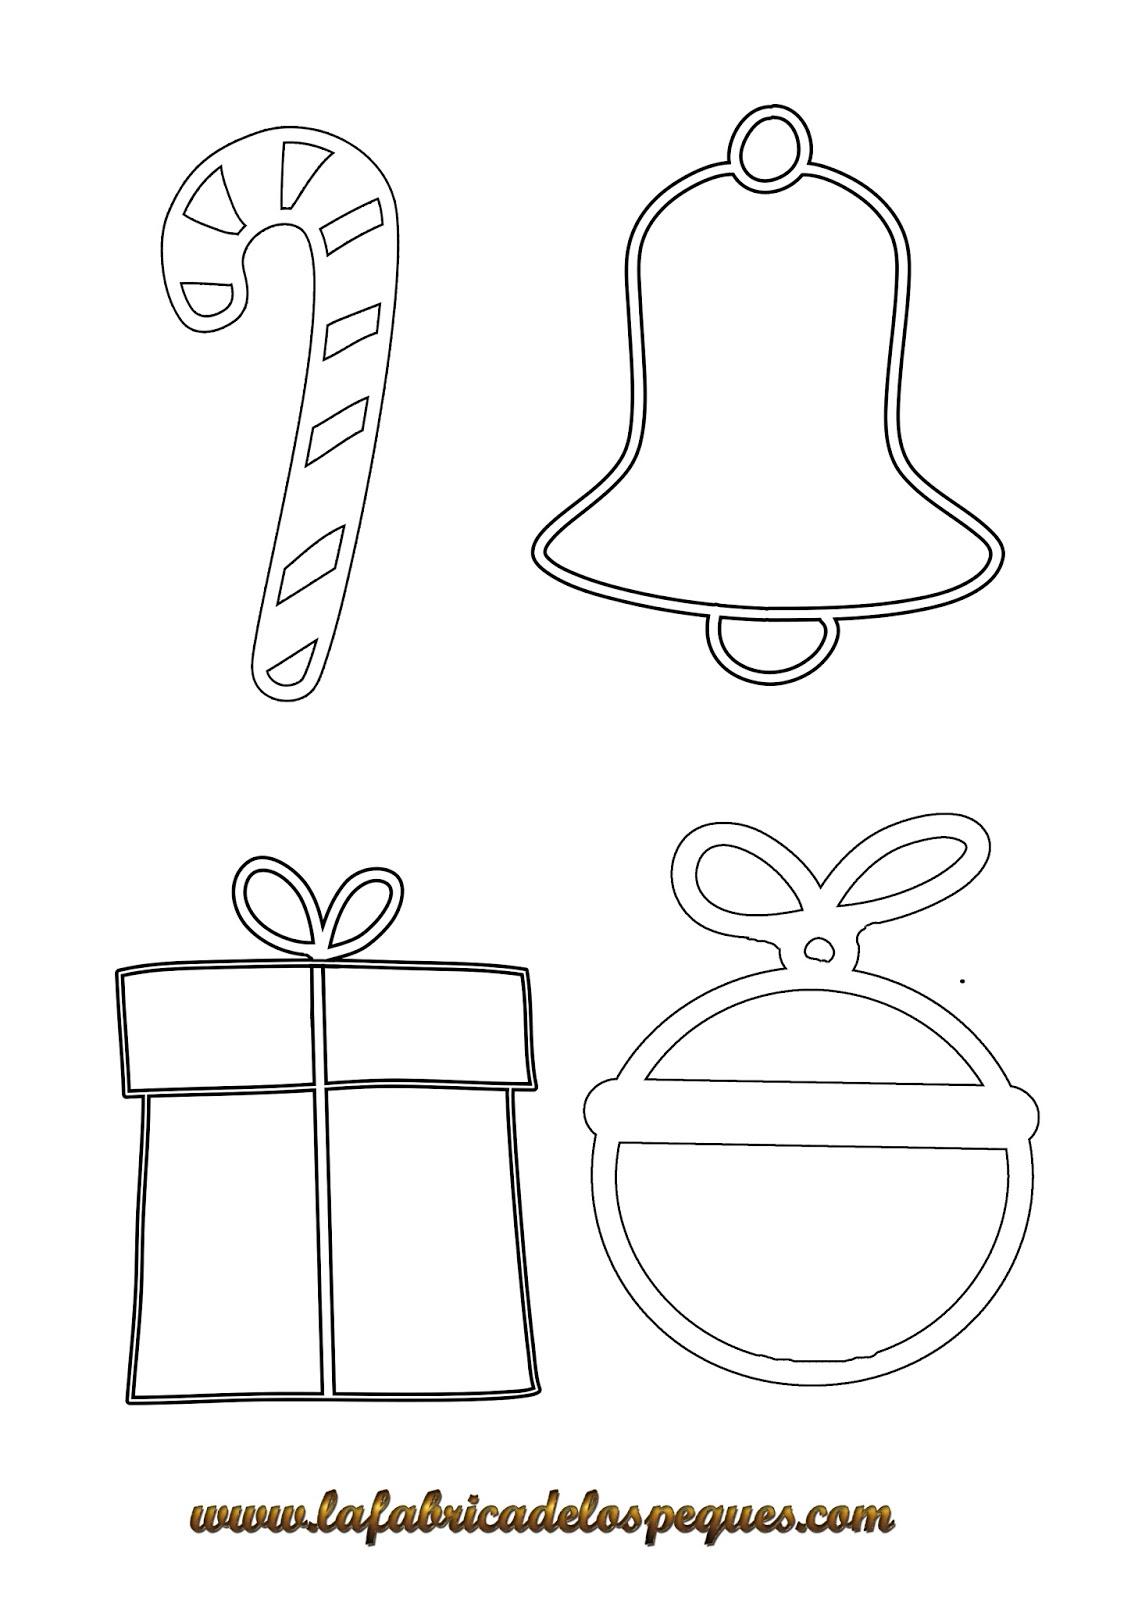 Patrones Dibujos De Navidad En Foami.Imprimibles Y Plantillas De Navidad Gratis Gorros